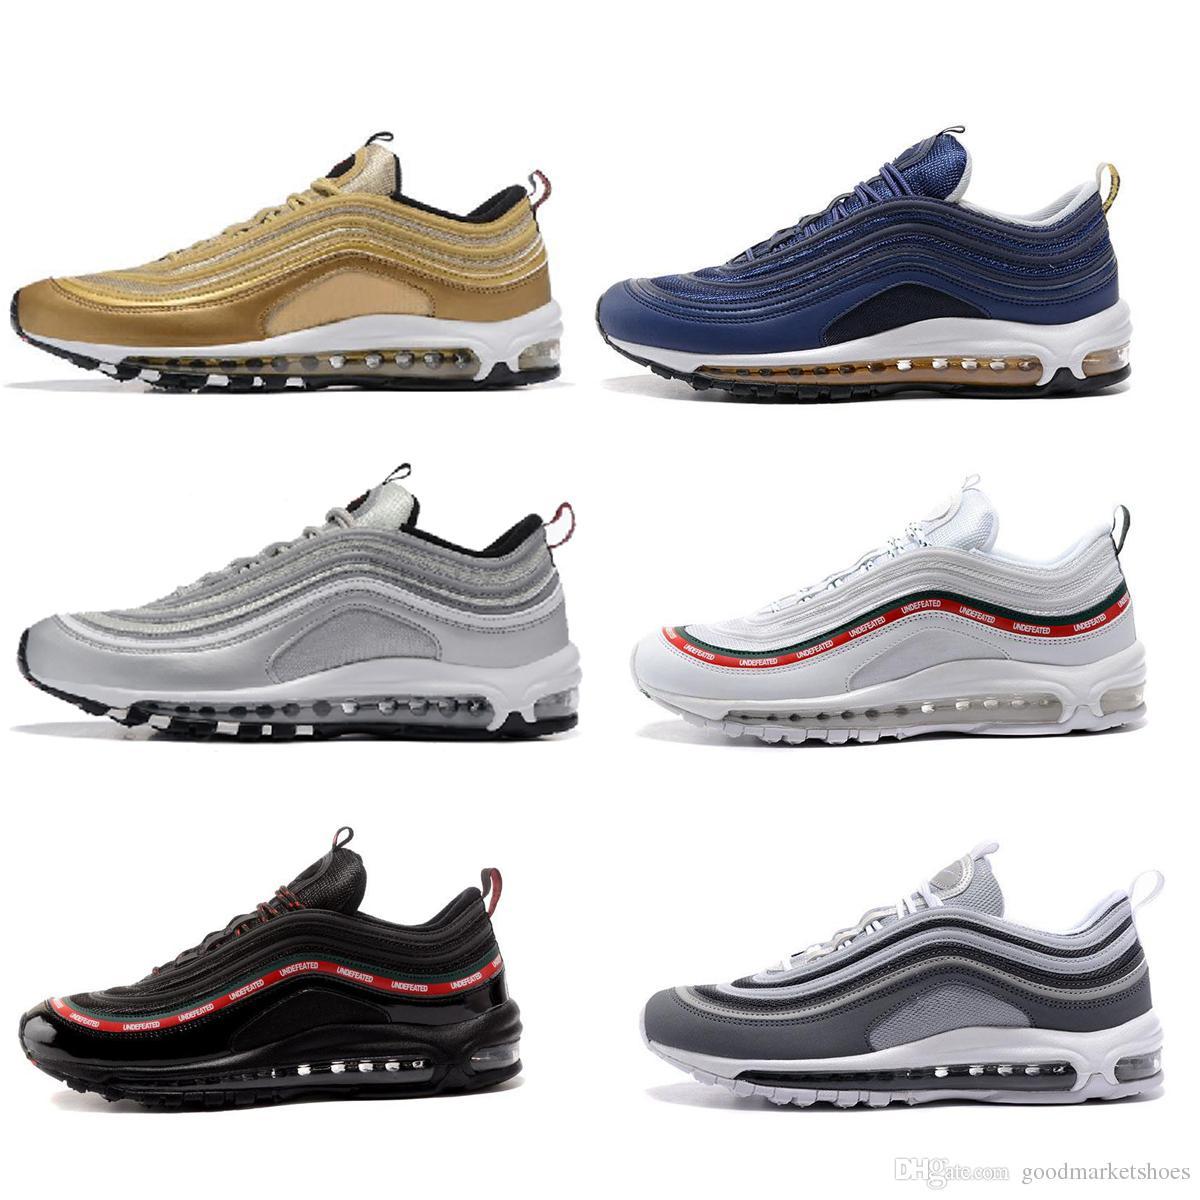 a2cfb9bf5a 2018 Hot Sale New Men Shoes Airs Cushion 97 KPU Plastic Cheap ...